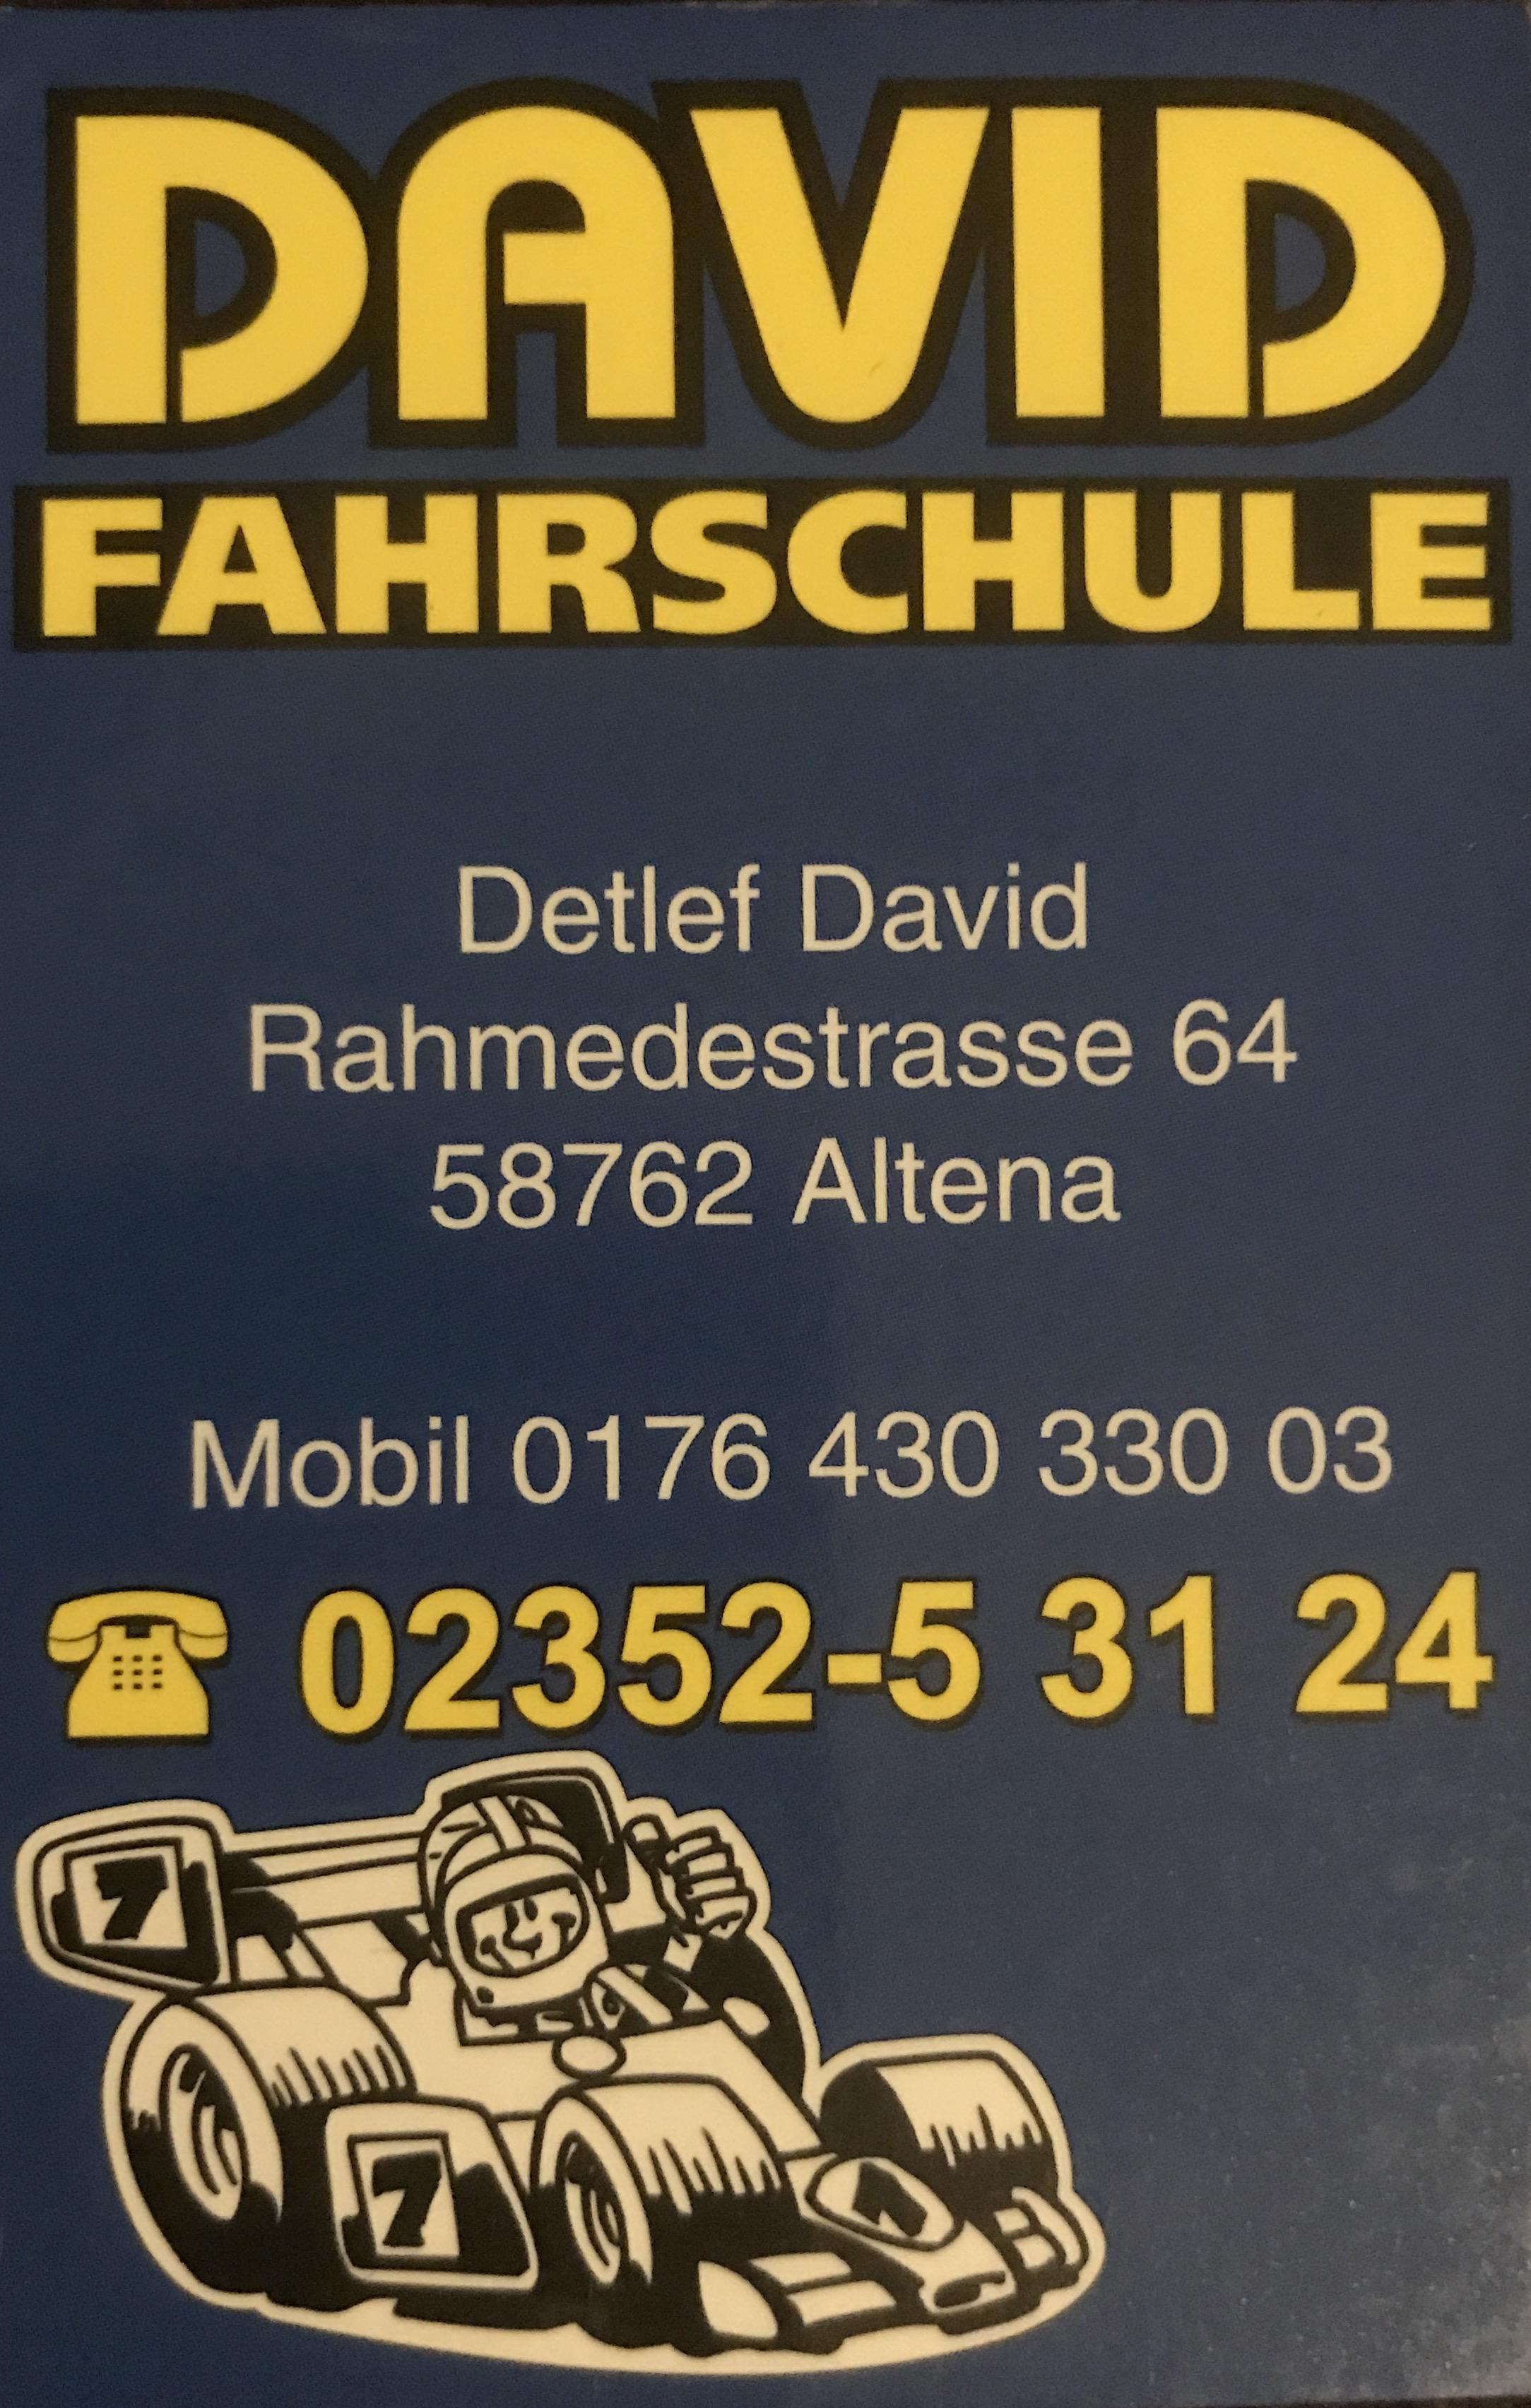 Fahrschule Detlef David